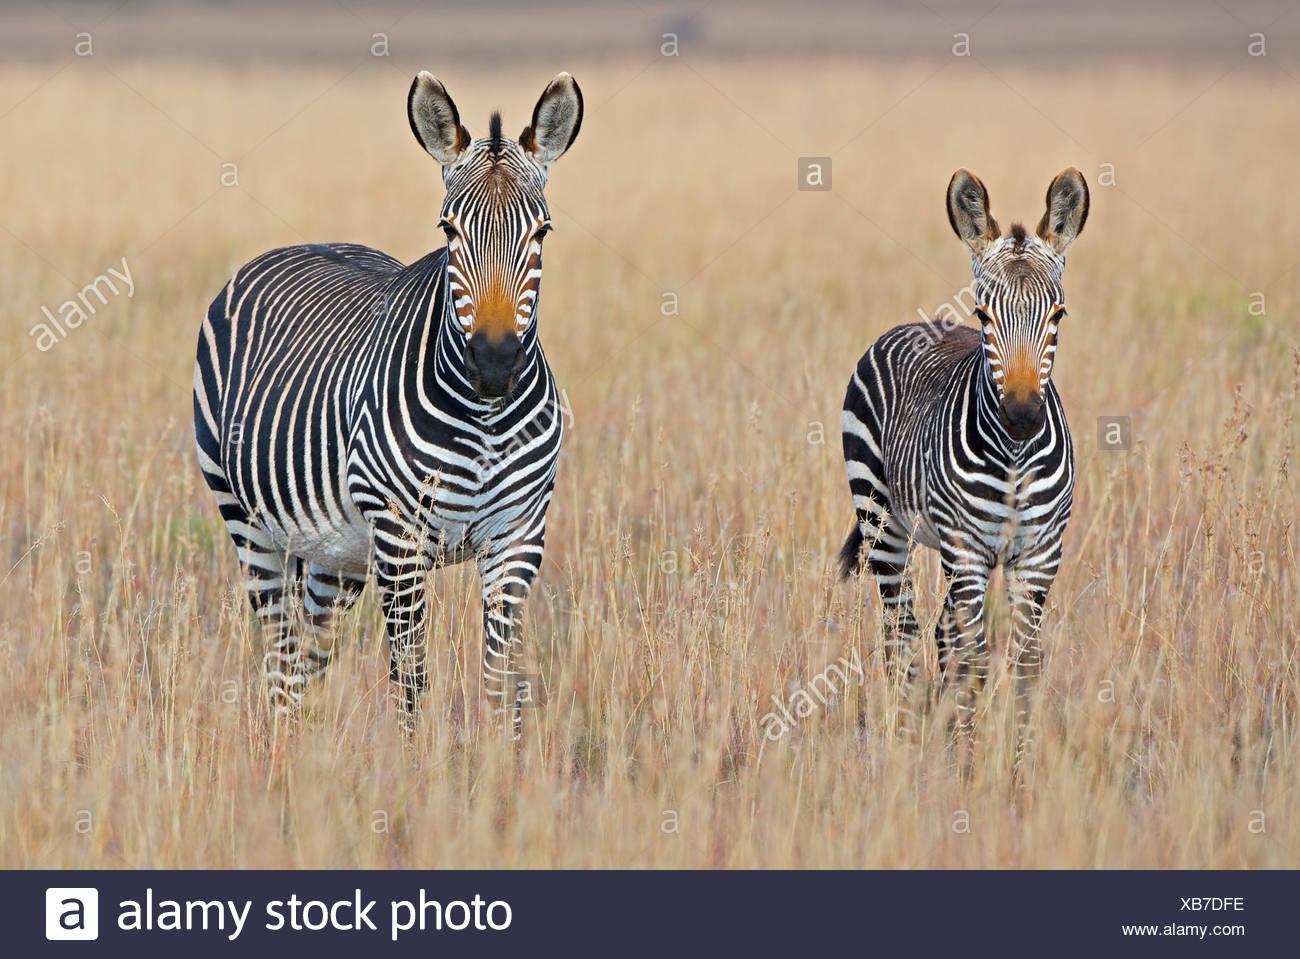 Zèbre des plaines (Equus quagga) avec poulain dans les prairies, Mountain Zebra National Park, Province orientale du Cap, Afrique du Sud Photo Stock